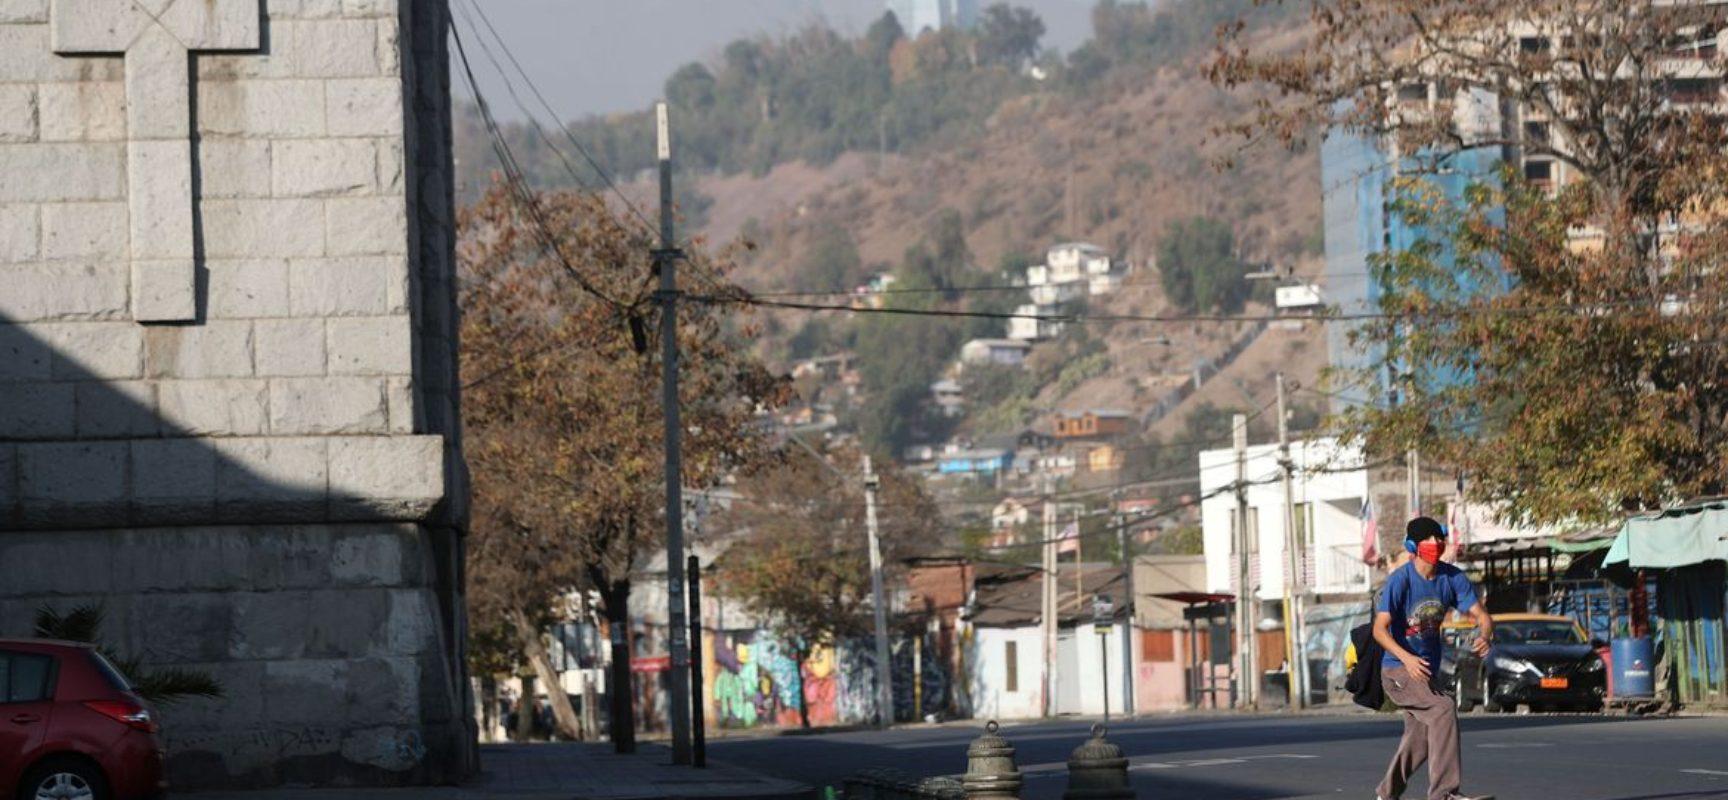 Chile chega a 1 milhão de casos de covid-19 e fecha fronteiras